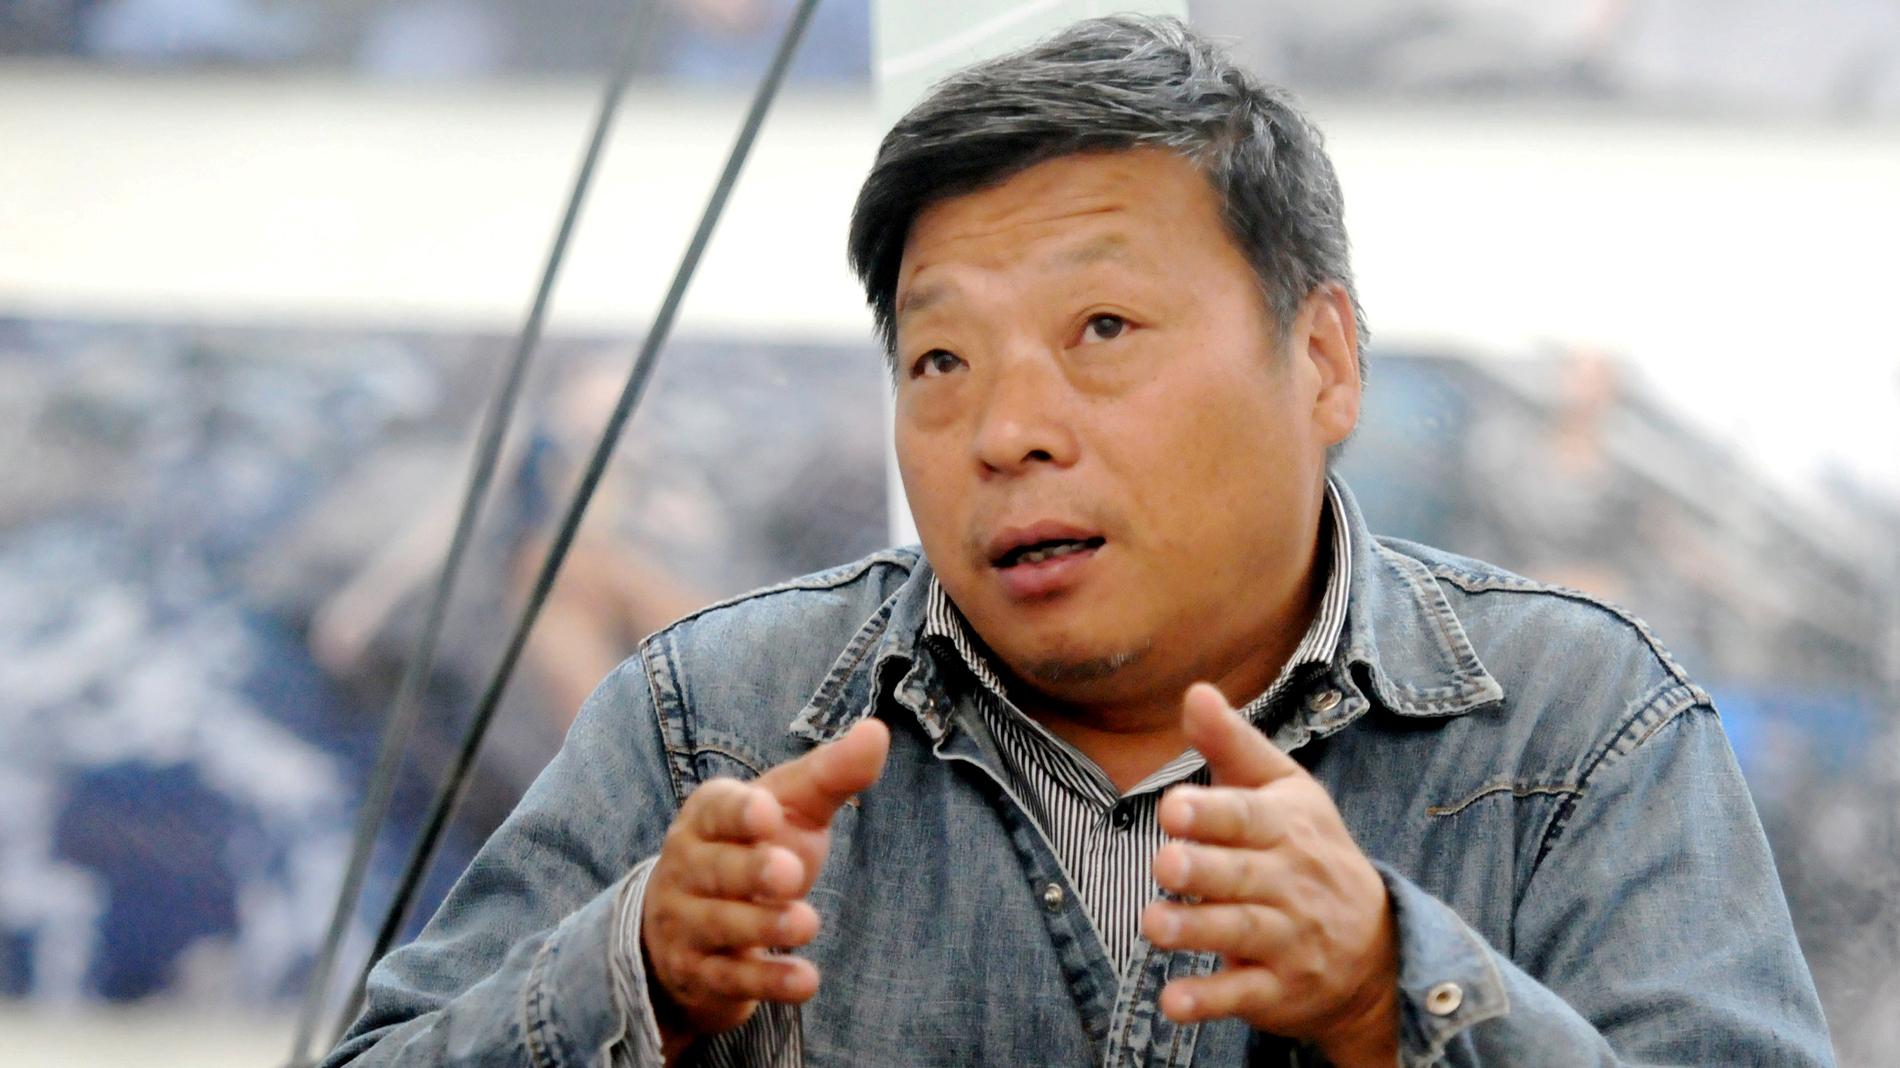 Las autoridades chinas confirman la detención del fotógrafo Lu Guang, desaparecido en Xinjiang